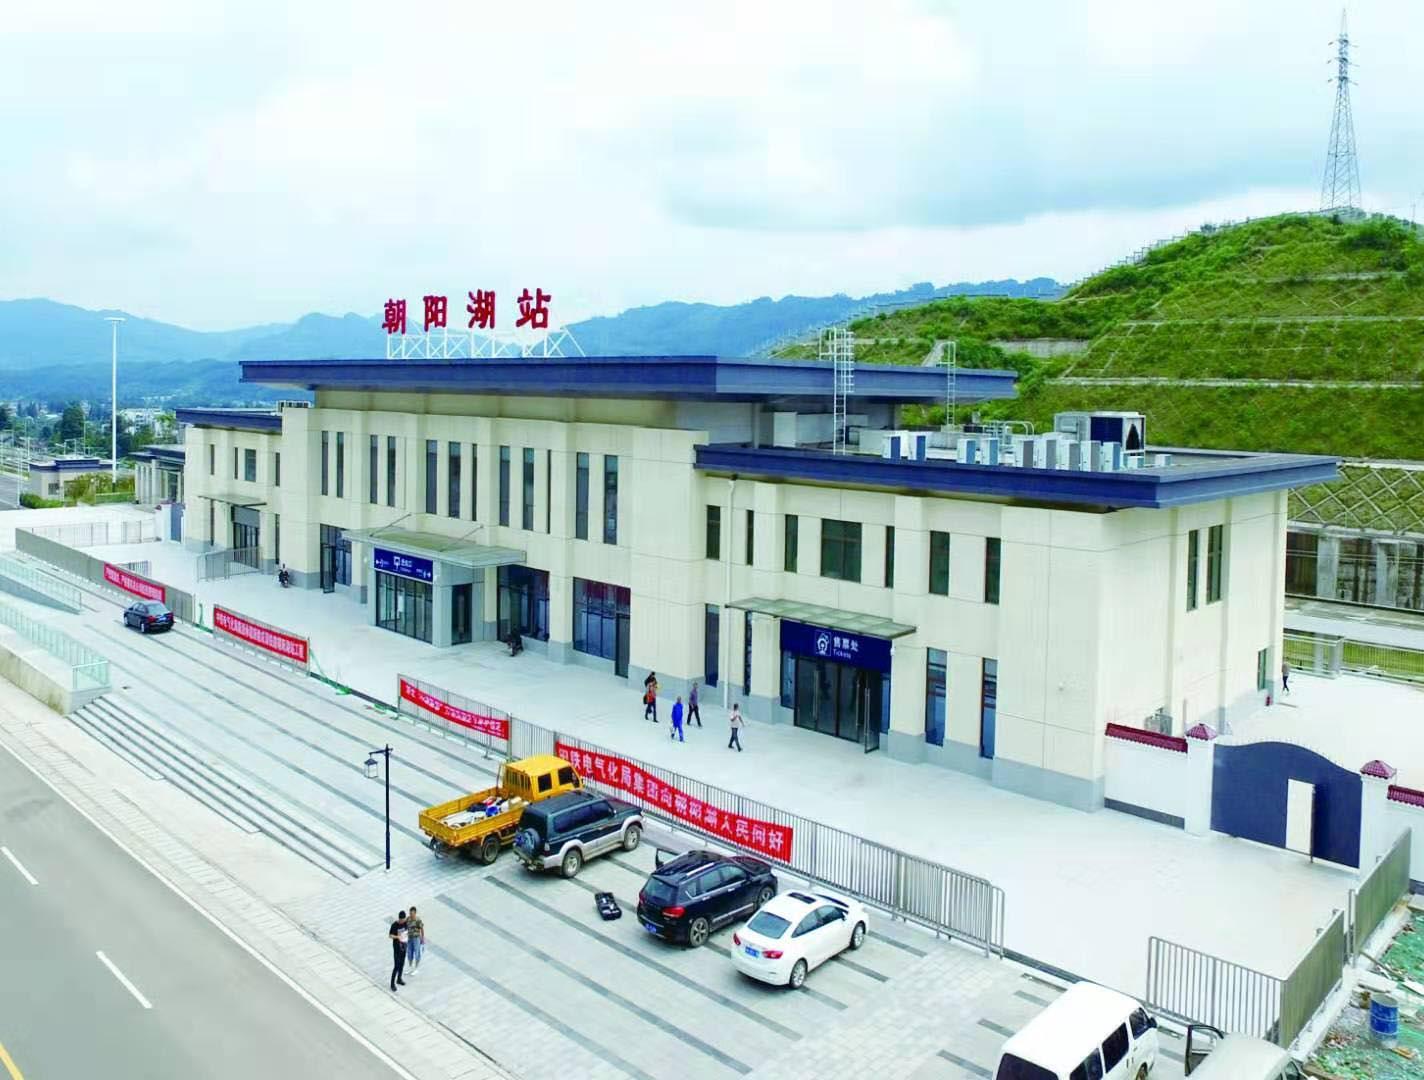 朝阳湖高铁站